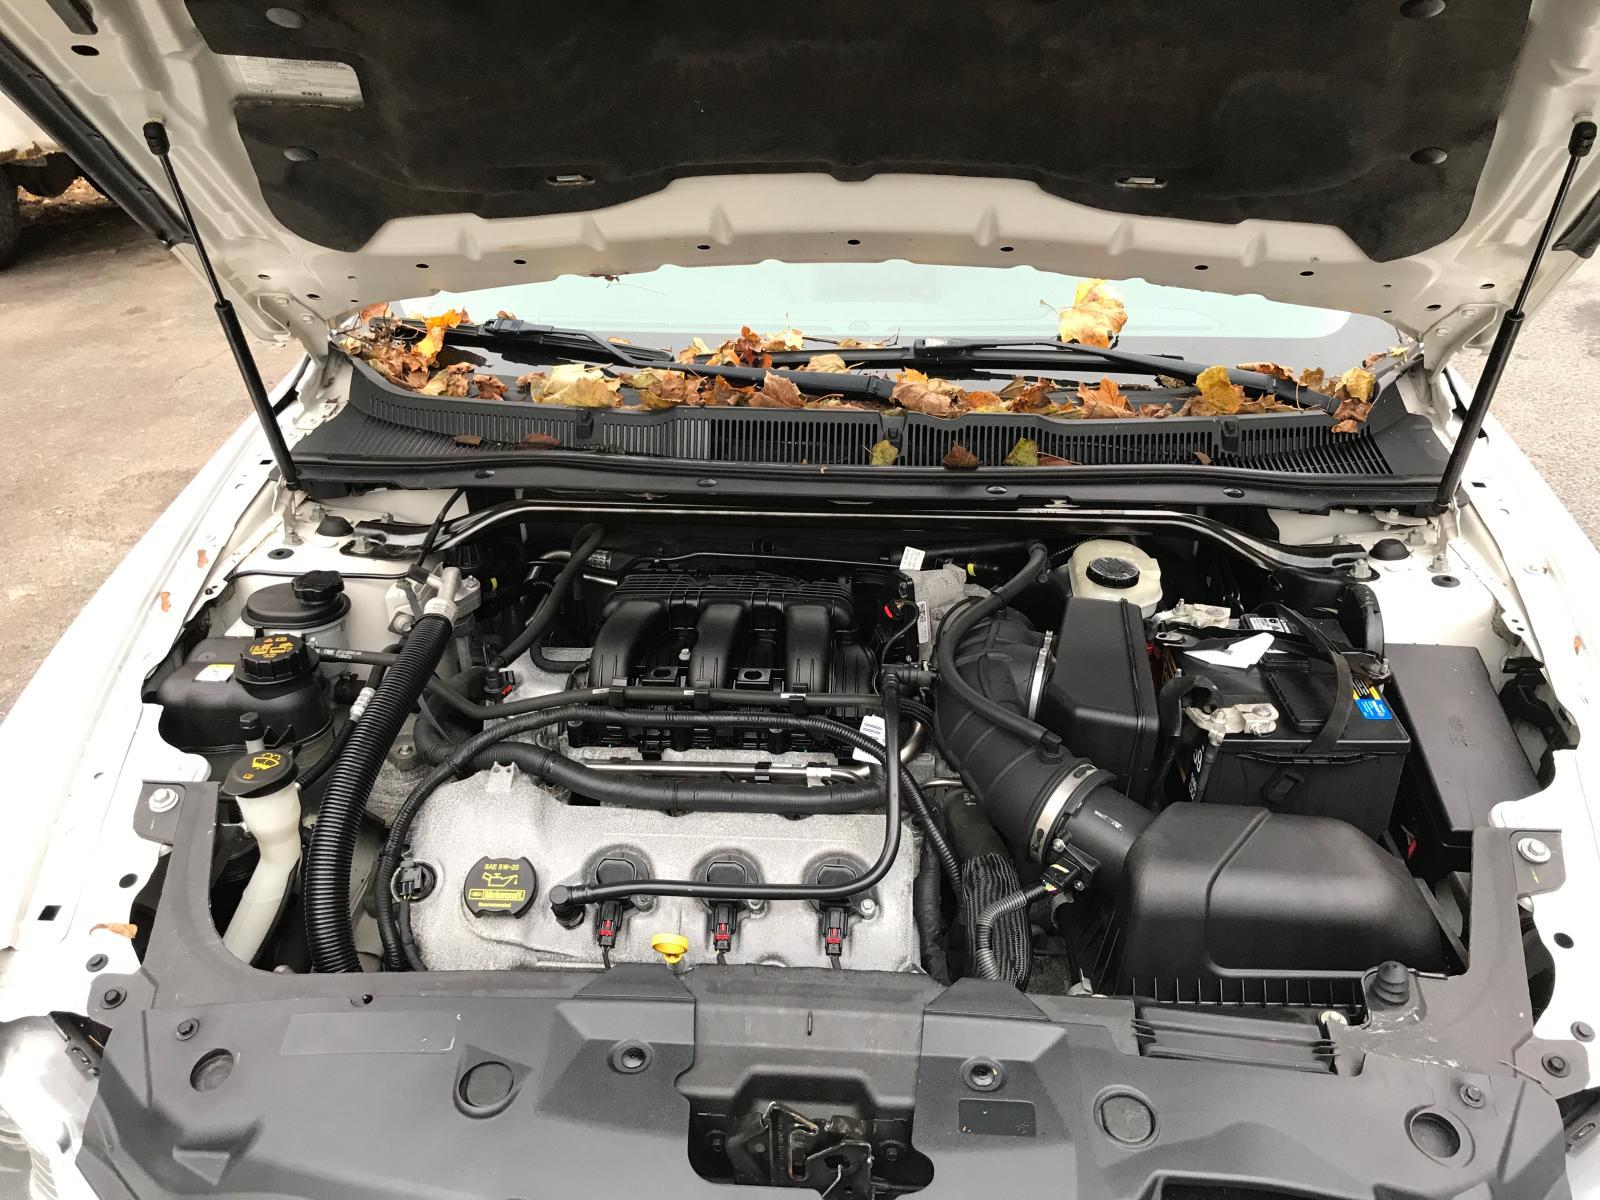 2011 Ford Taurus Lim 3.5L